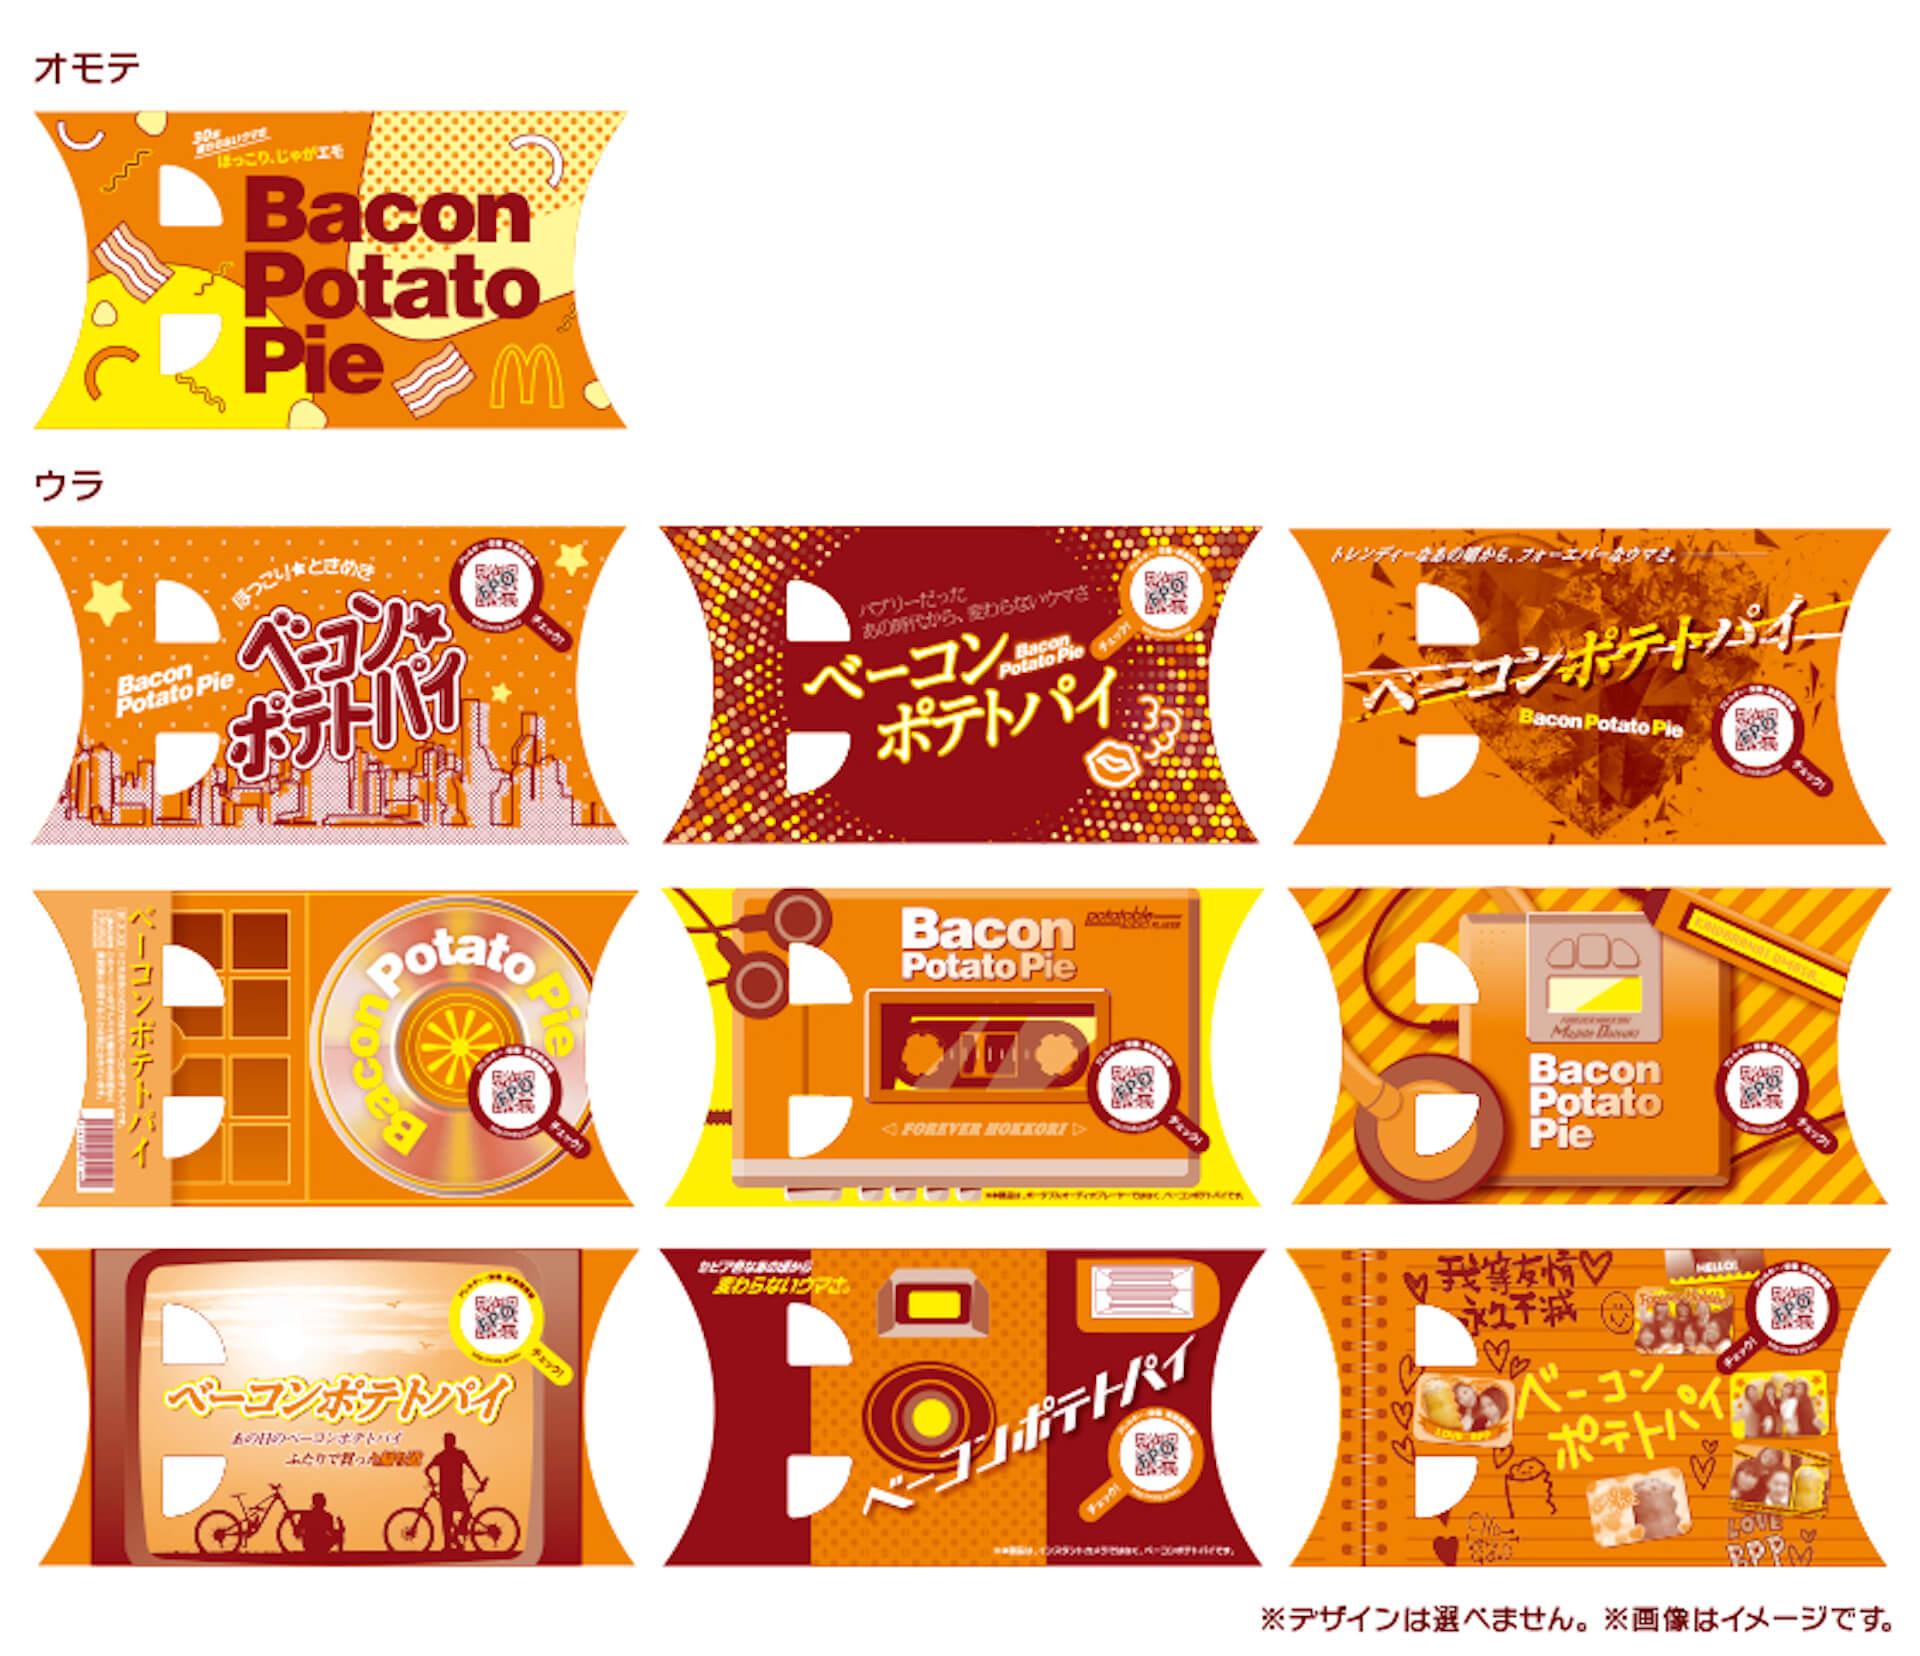 マクドナルドの超定番「ベーコンポテトパイ」が期間限定で今年も登場!90年代を彷彿とさせるエモいCMも gourmet210422_mcdonald_pie_1